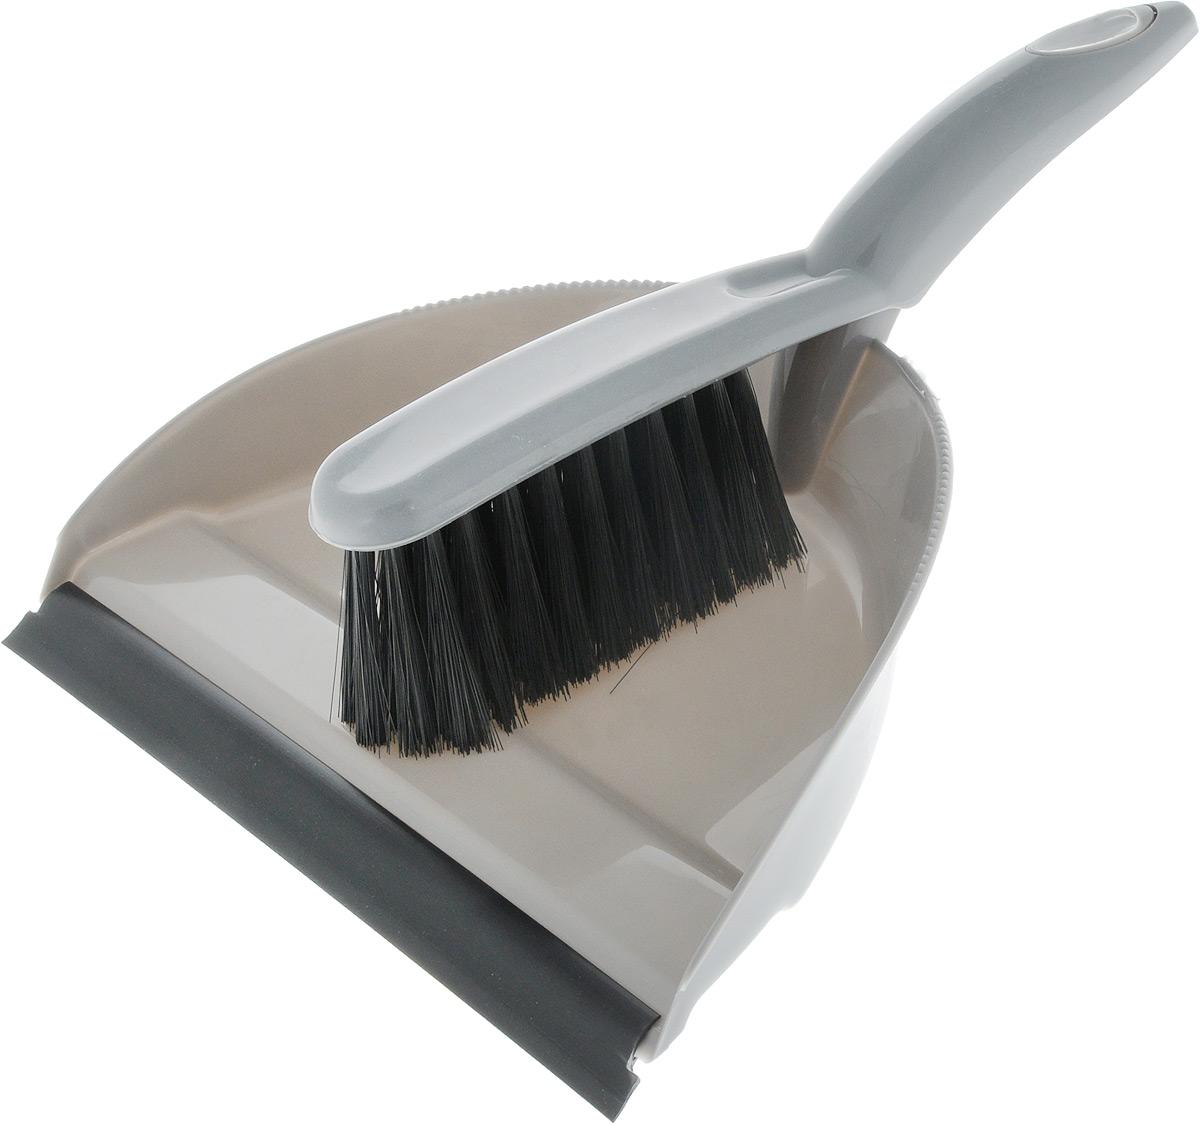 Набор для уборки Svip Клио, с кромкой, цвет: серый, 2 предмета10503Набор для уборки Svip Клио, состоит из щетки-сметки и совка, выполненных из полипропилена.Он станет незаменимым помощником в деле удаления пыли и мусора с различных поверхностей.Ворс щетки достаточно длинный, что позволяет собирать даже крупный мусор.Края совка оснащены зубчиками для чистки щетки после ее использования. Совок имеет резиновую кромку,благодаря которой удобнее собирать мусор. Ручка совка позволяет прикреплять его к рукоятке щетки. На рукояти изделий имеется специальное отверстие для подвешивания. Длина щетки-сметки: 26 см. Длина ворса: 5 см. Размер рабочей поверхности совка: 15 х 24 см.Размер совка (с учетом ручки): 30,2 х 24 х 5 см.